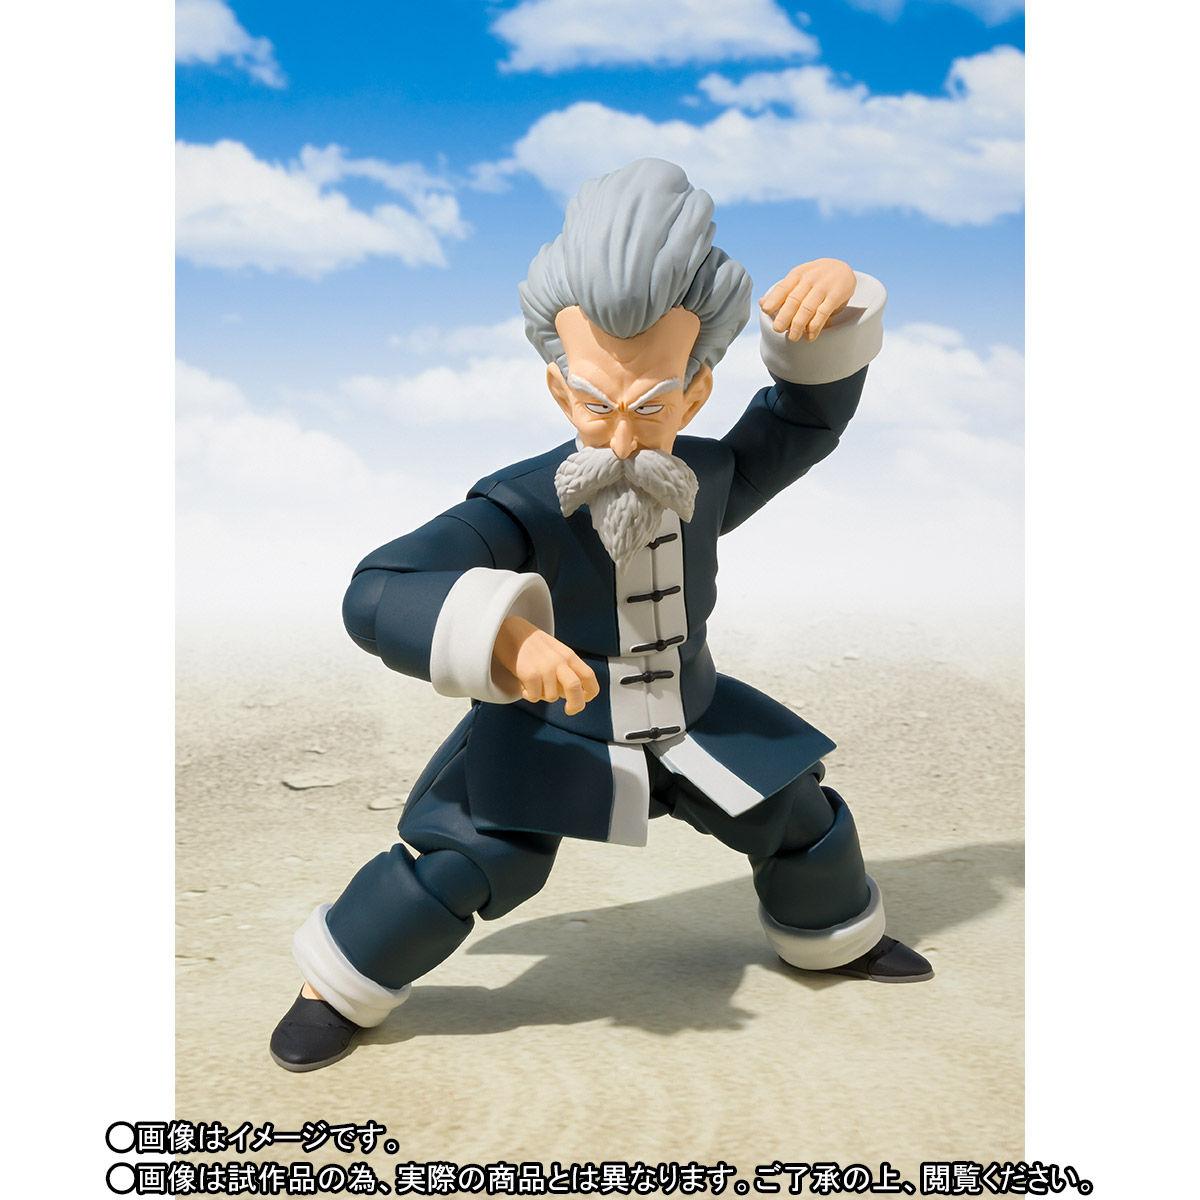 【限定販売】S.H.Figuarts『ジャッキー・チュン』ドラゴンボール 可動フィギュア-002